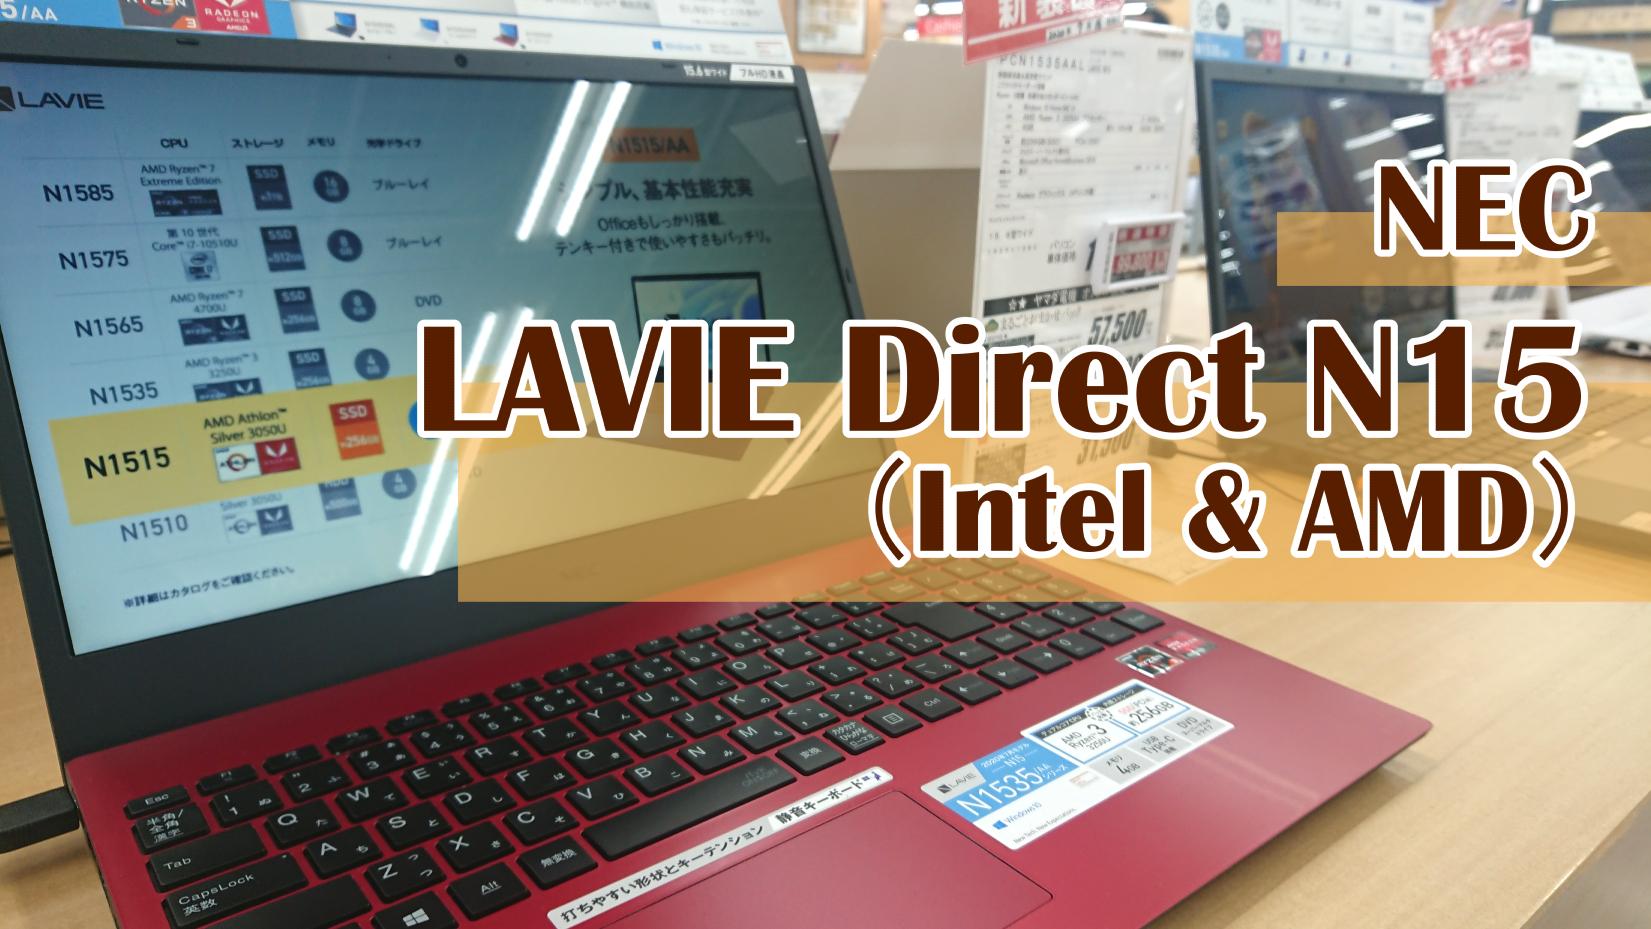 「LAVIEDirect N15」の全ラインナップ